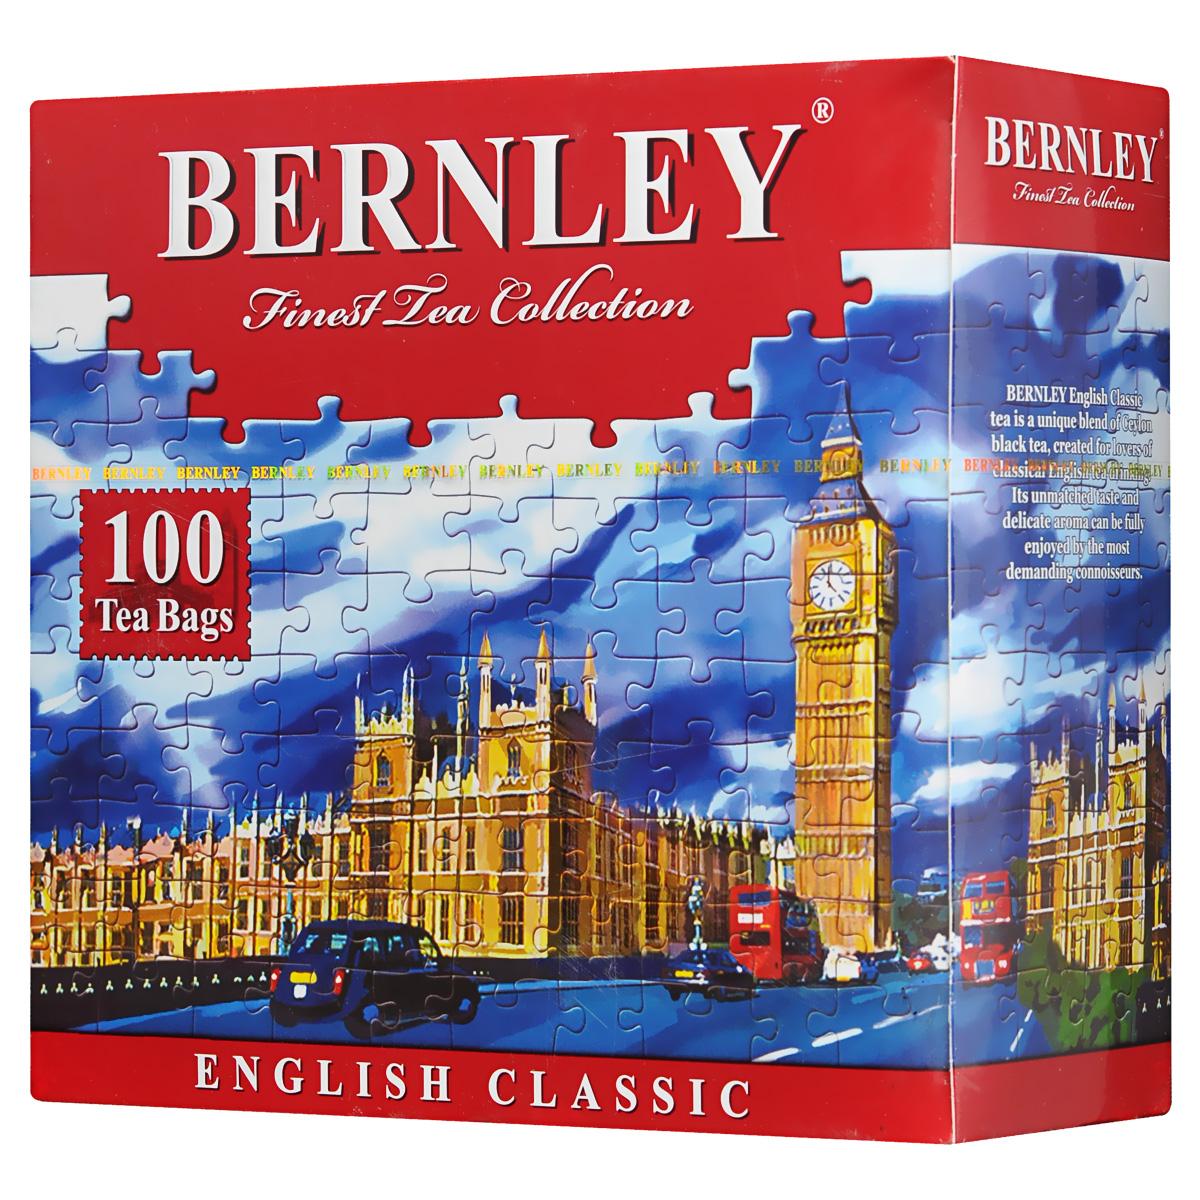 Bernley English Classic черный чай в пакетиках, 100 шт1070010Bernley English Classic - традиционный черный чай, созданный по классическому английскому рецепту, с густым, насыщенного цвета настоем и тонким ароматом, присущим лишь лучшим сортам цейлонского чая. Вкус терпкий, сбалансированный, с утонченными оригинальными оттенками.